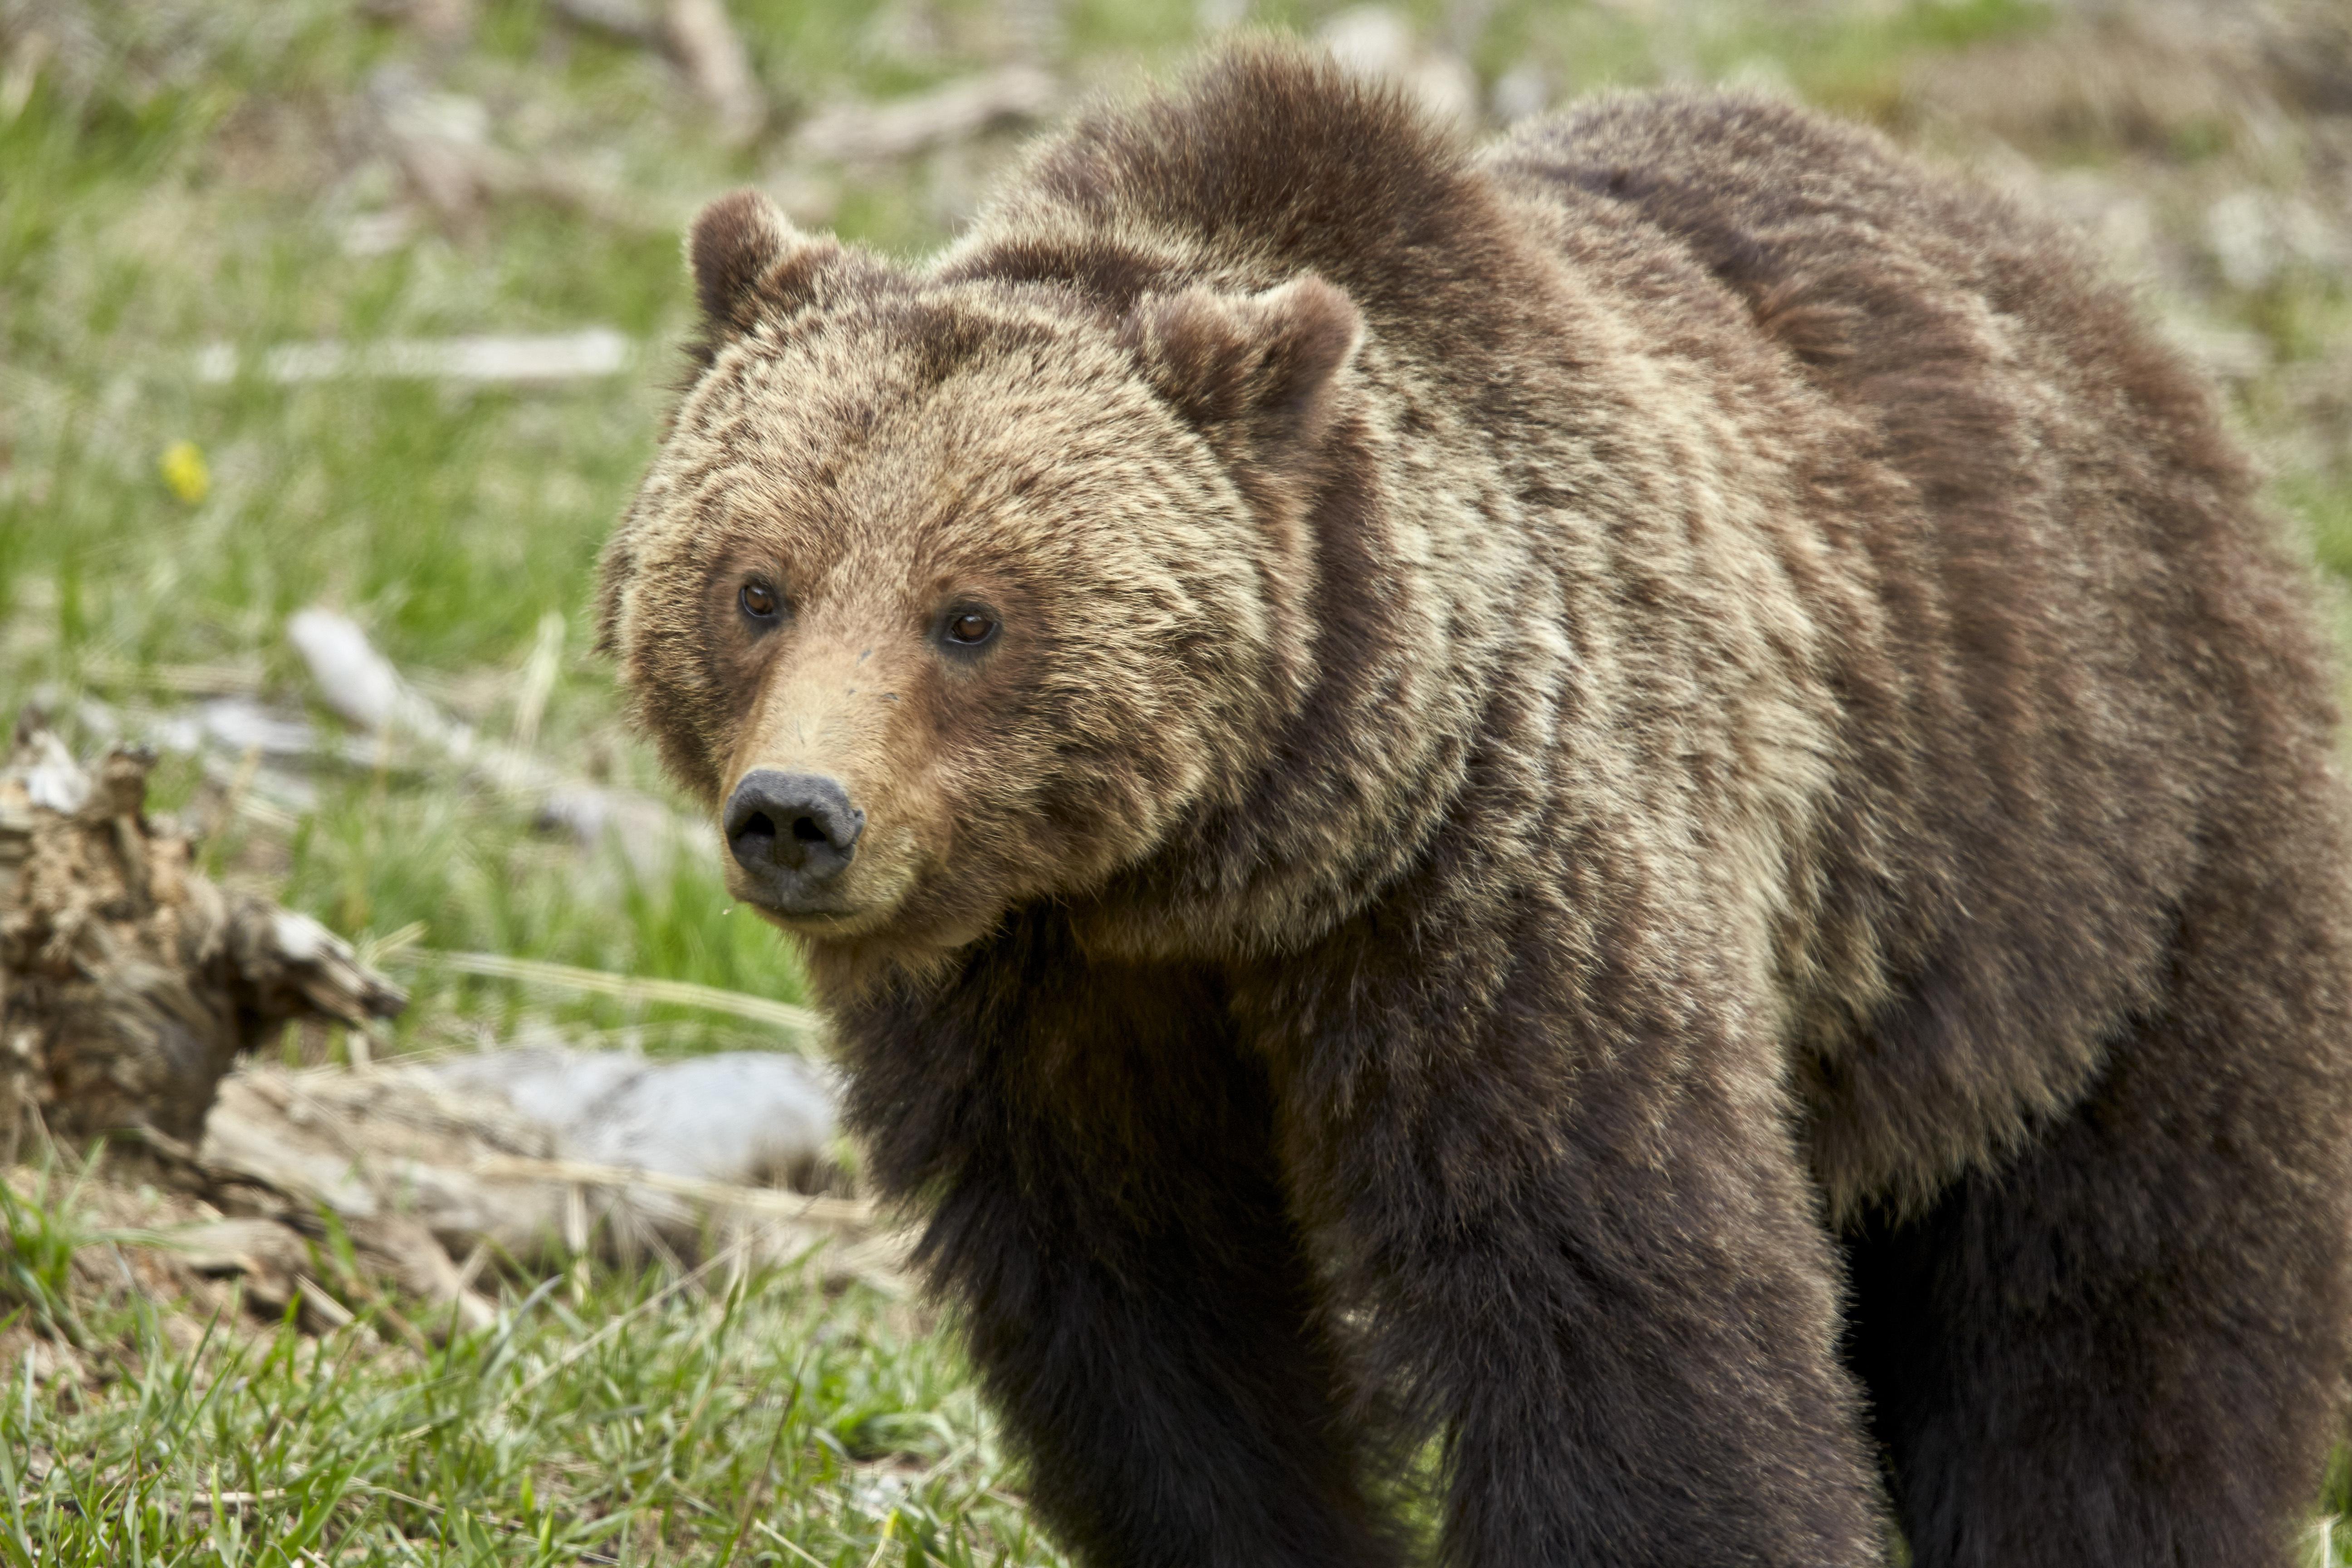 Beleharapott egy medve egy alaszkai nő fenekébe, miközben a vécén ült